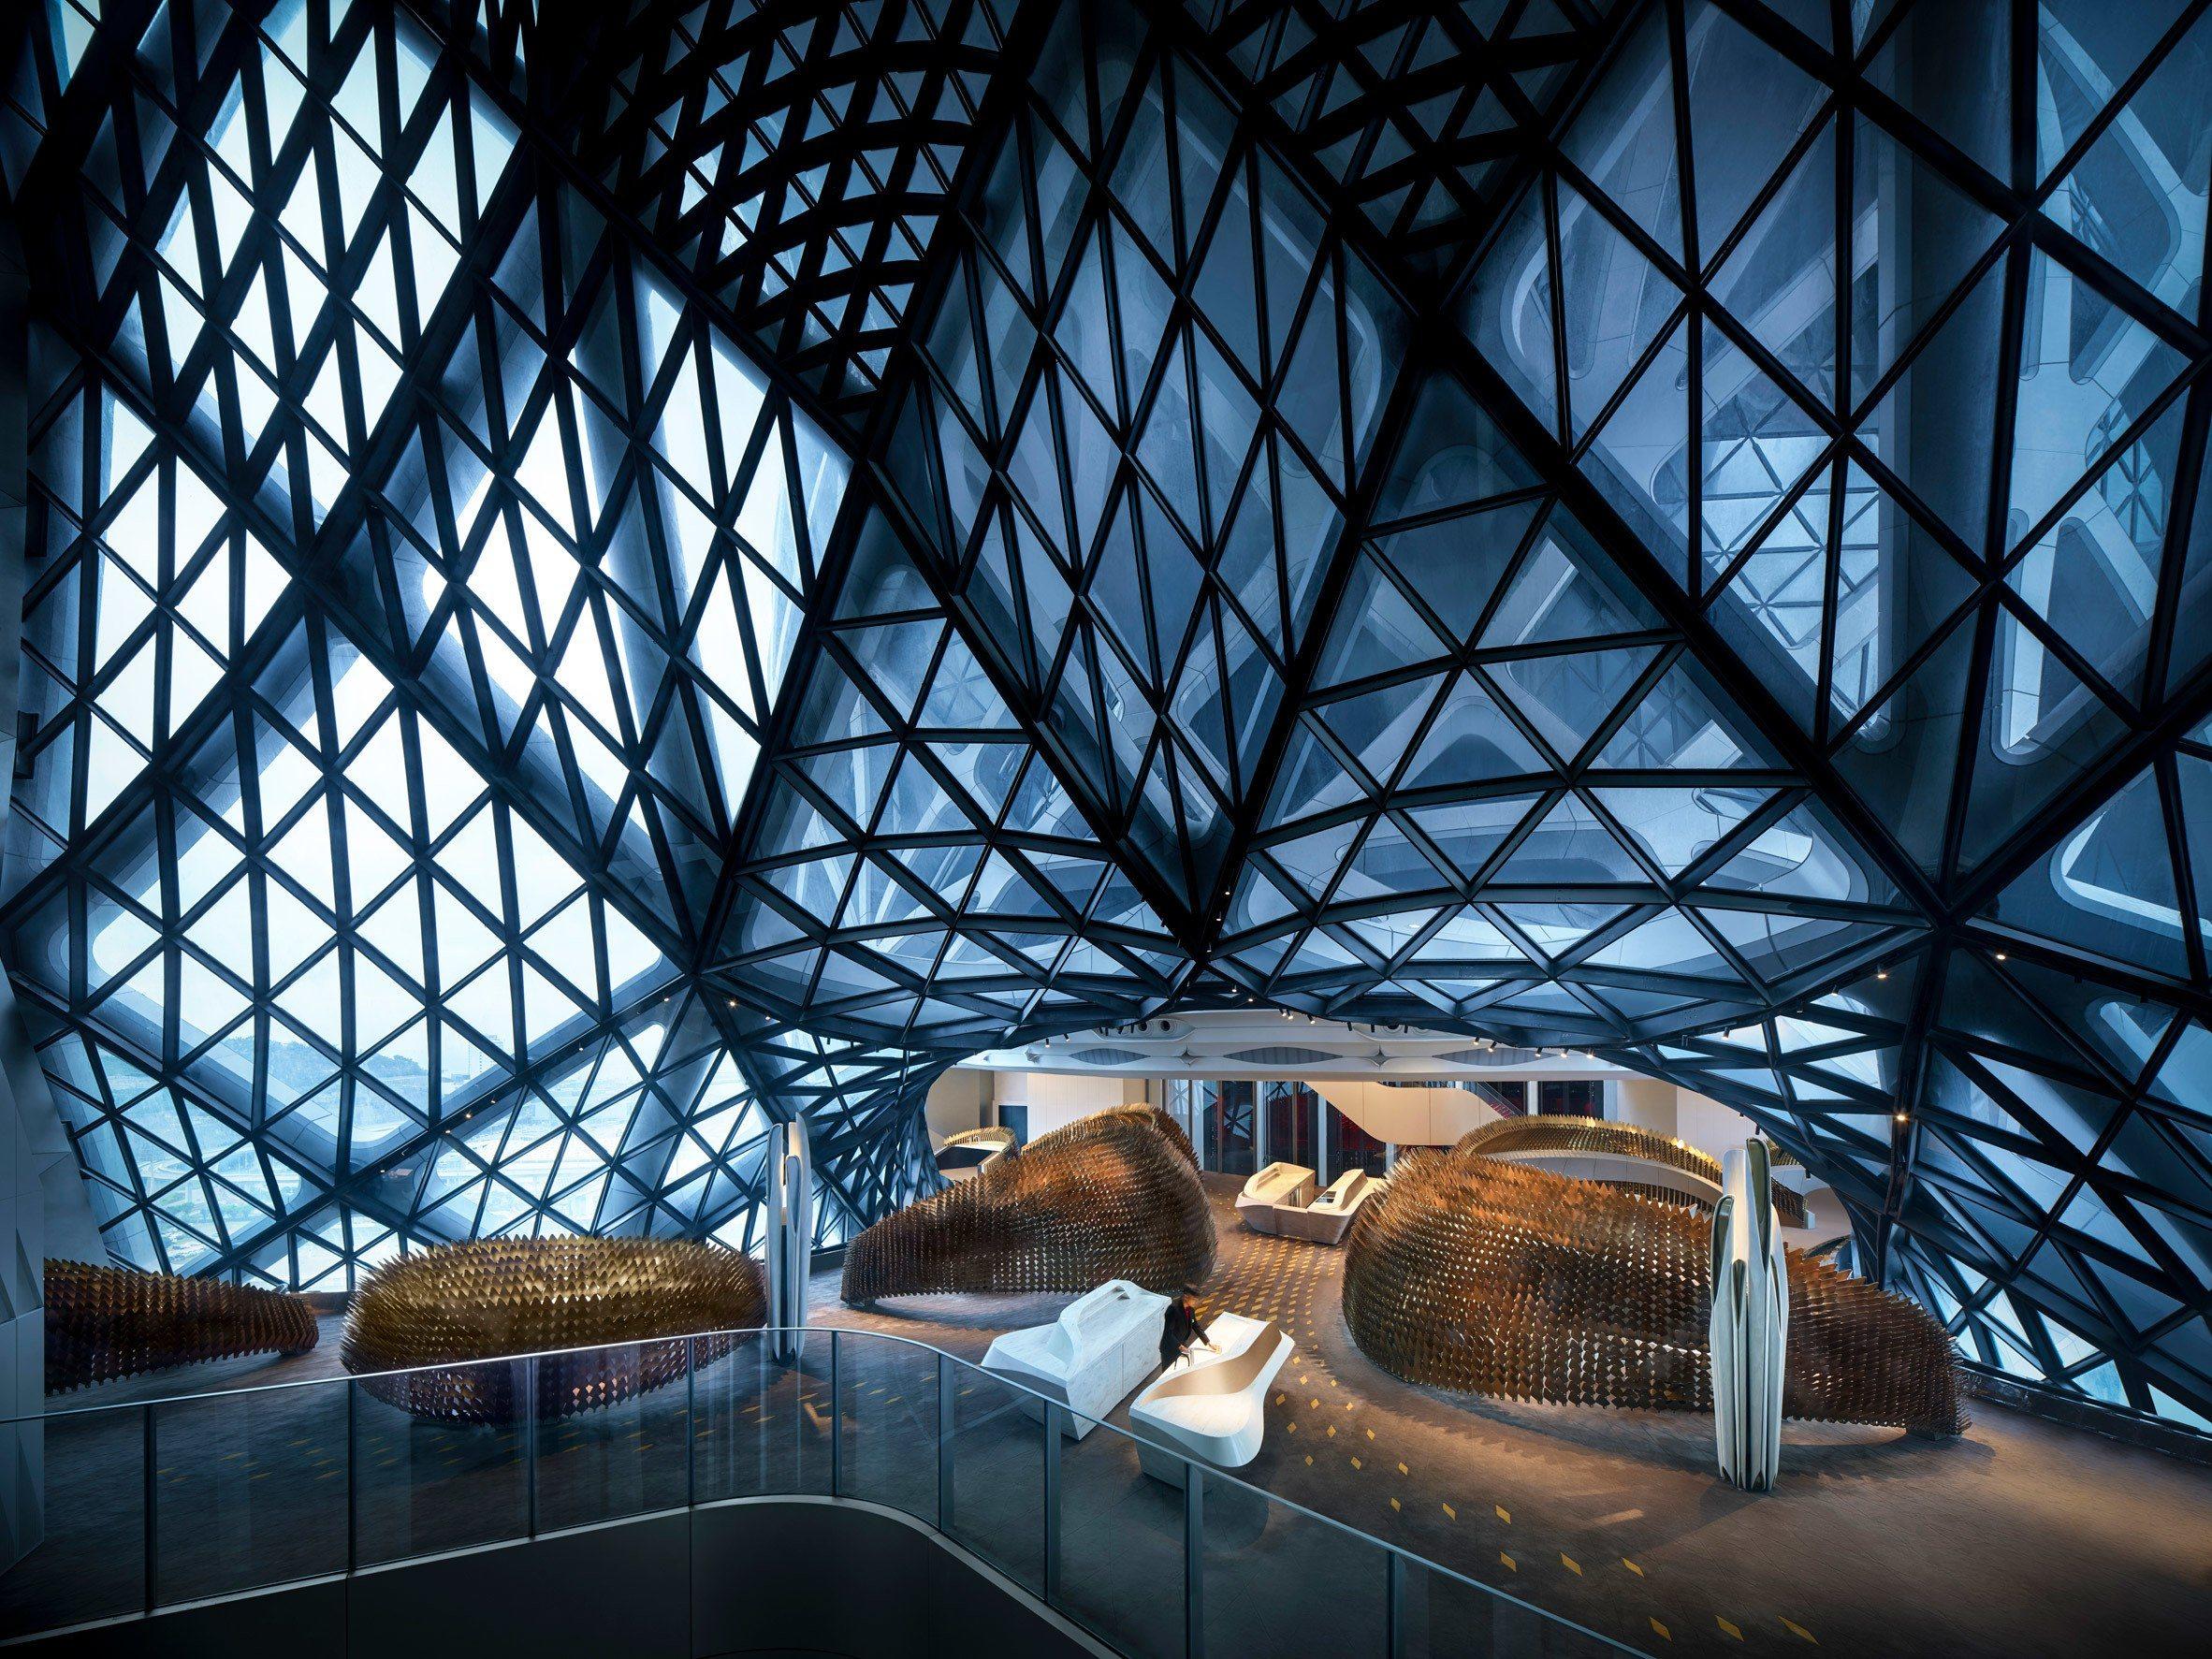 iGNANT-Architecture-Zaha-Hadid-Architects-Morpheus-Hotel-013